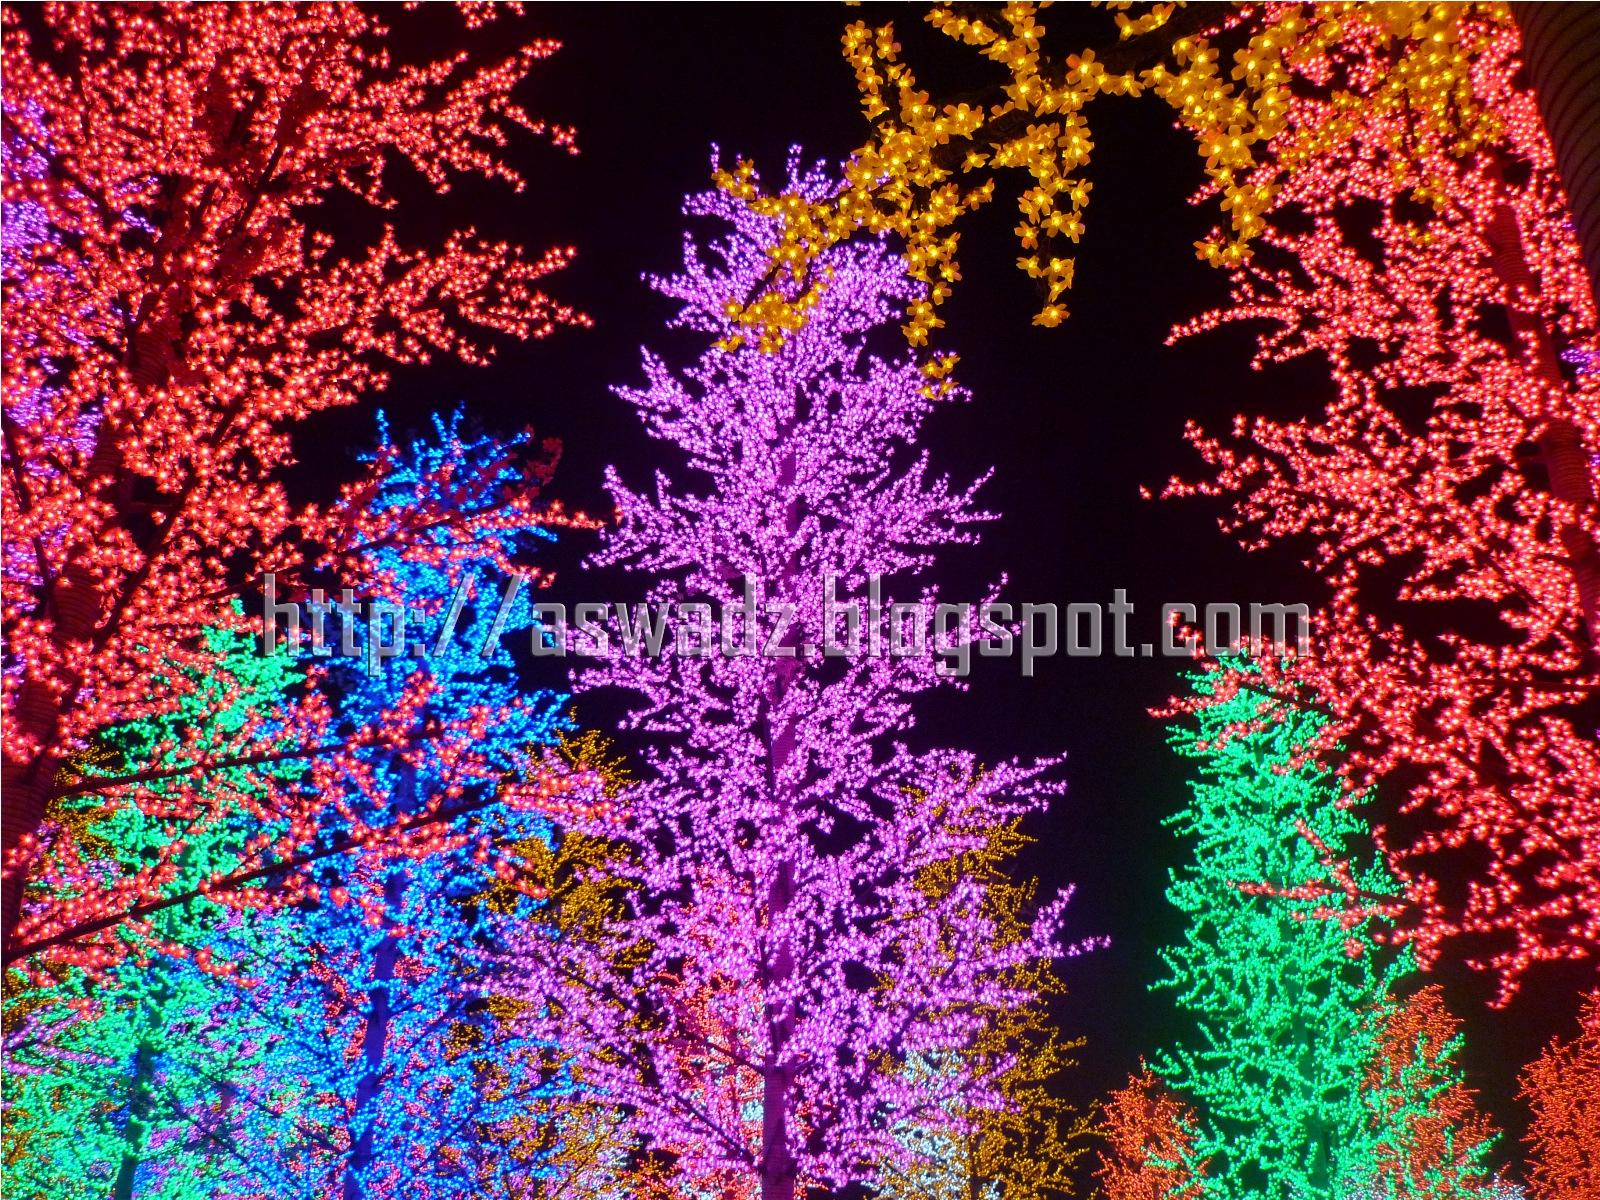 http://2.bp.blogspot.com/-qBXBHVCpHHU/TrQreB8C7AI/AAAAAAAABig/hk083TmXLHo/s1600/i_city01.JPG